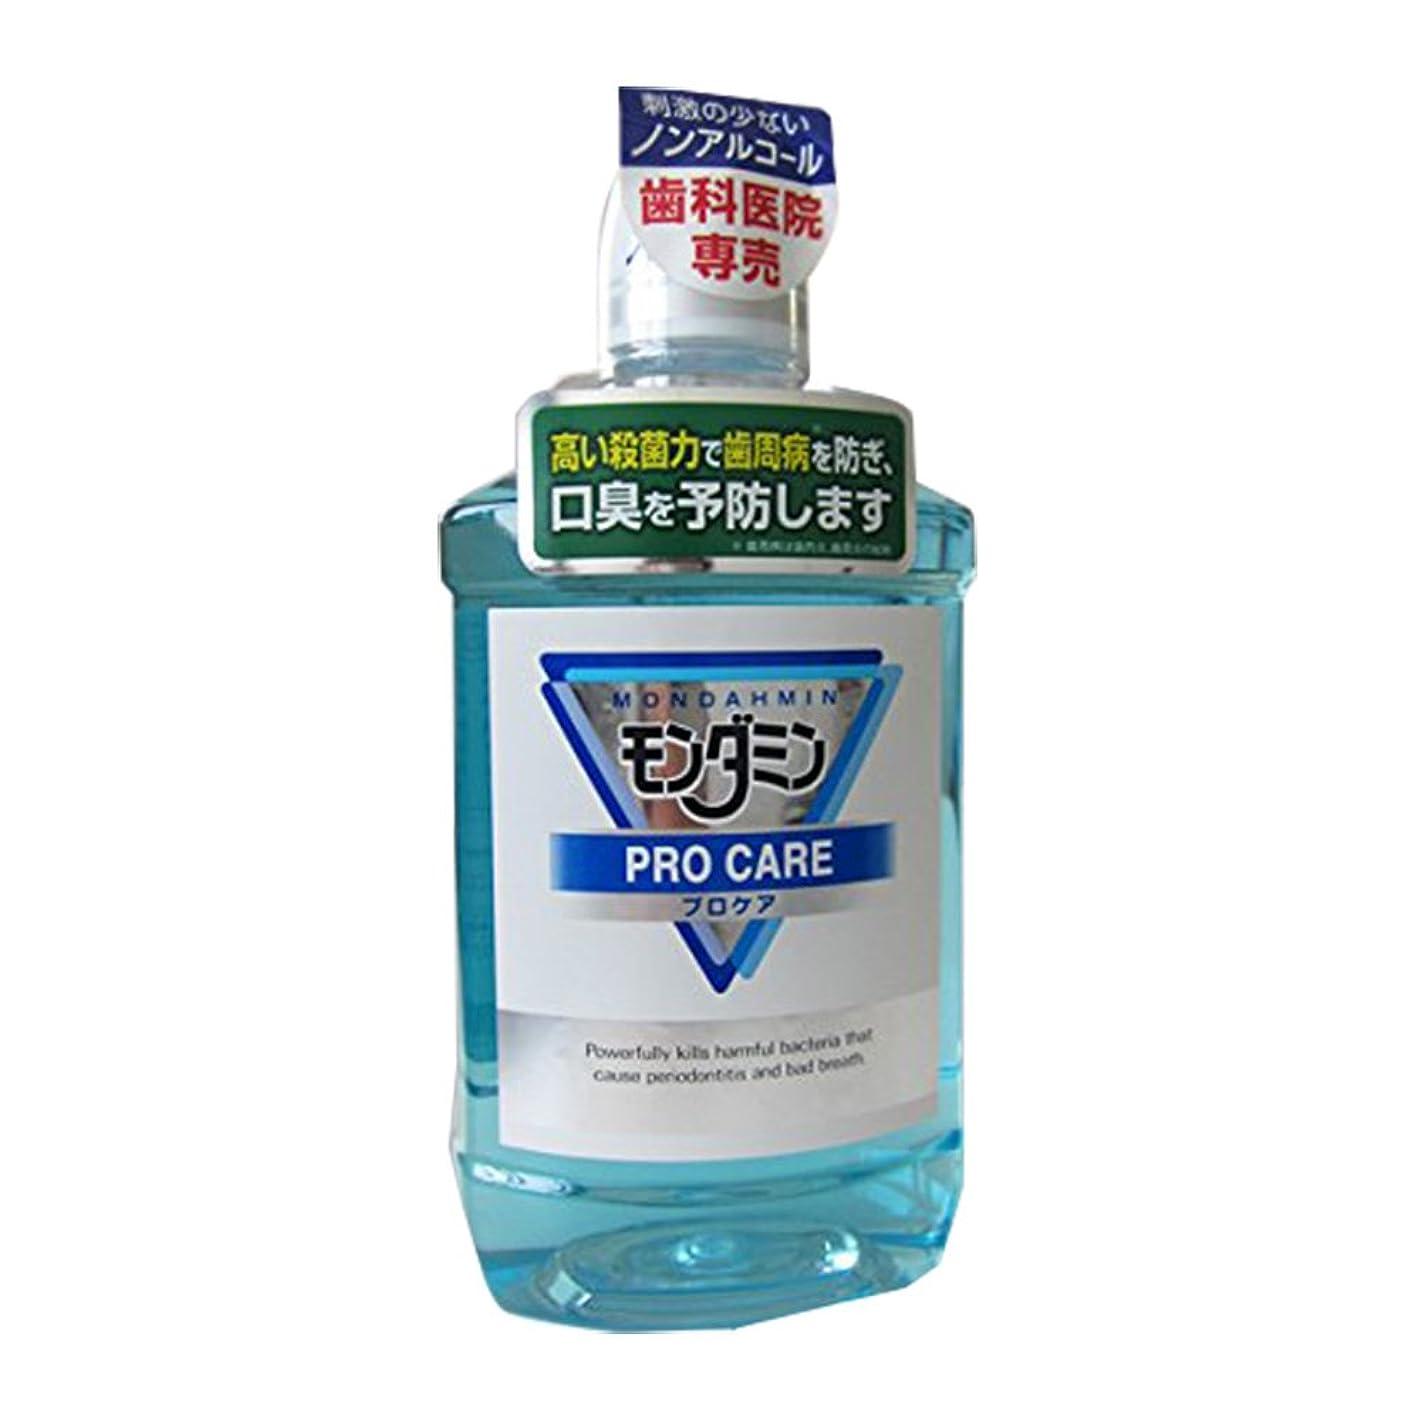 抑止するかなりのつらいモンダミン モンダミン プロケア 1000ml ボトル 液体歯磨き単品